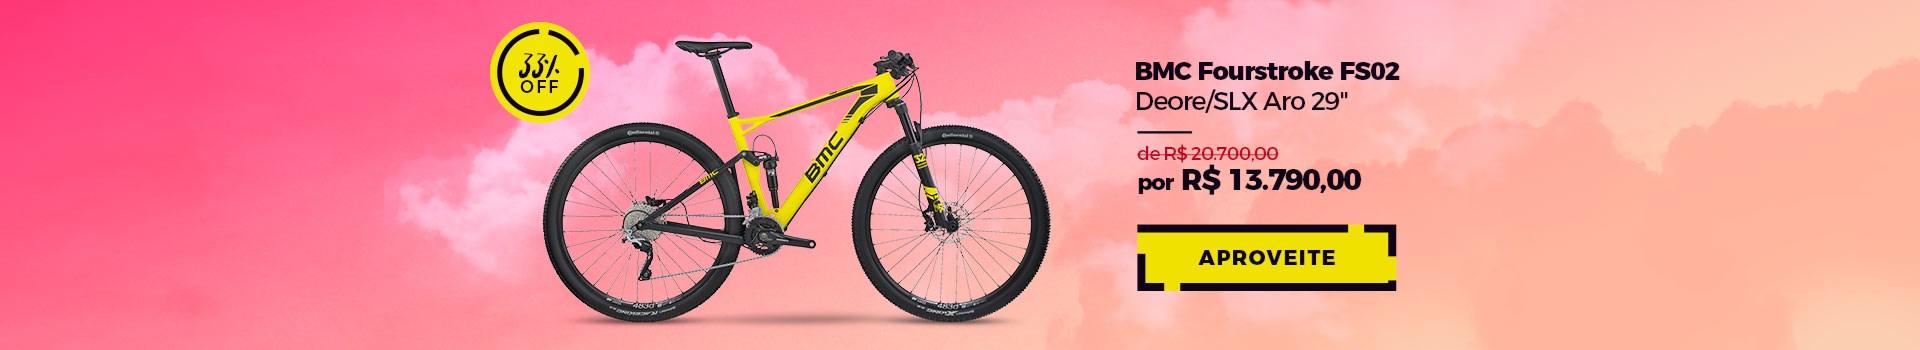 """Promoção BMC Fourstroke FS02 Deore/SLX Aro 29"""""""